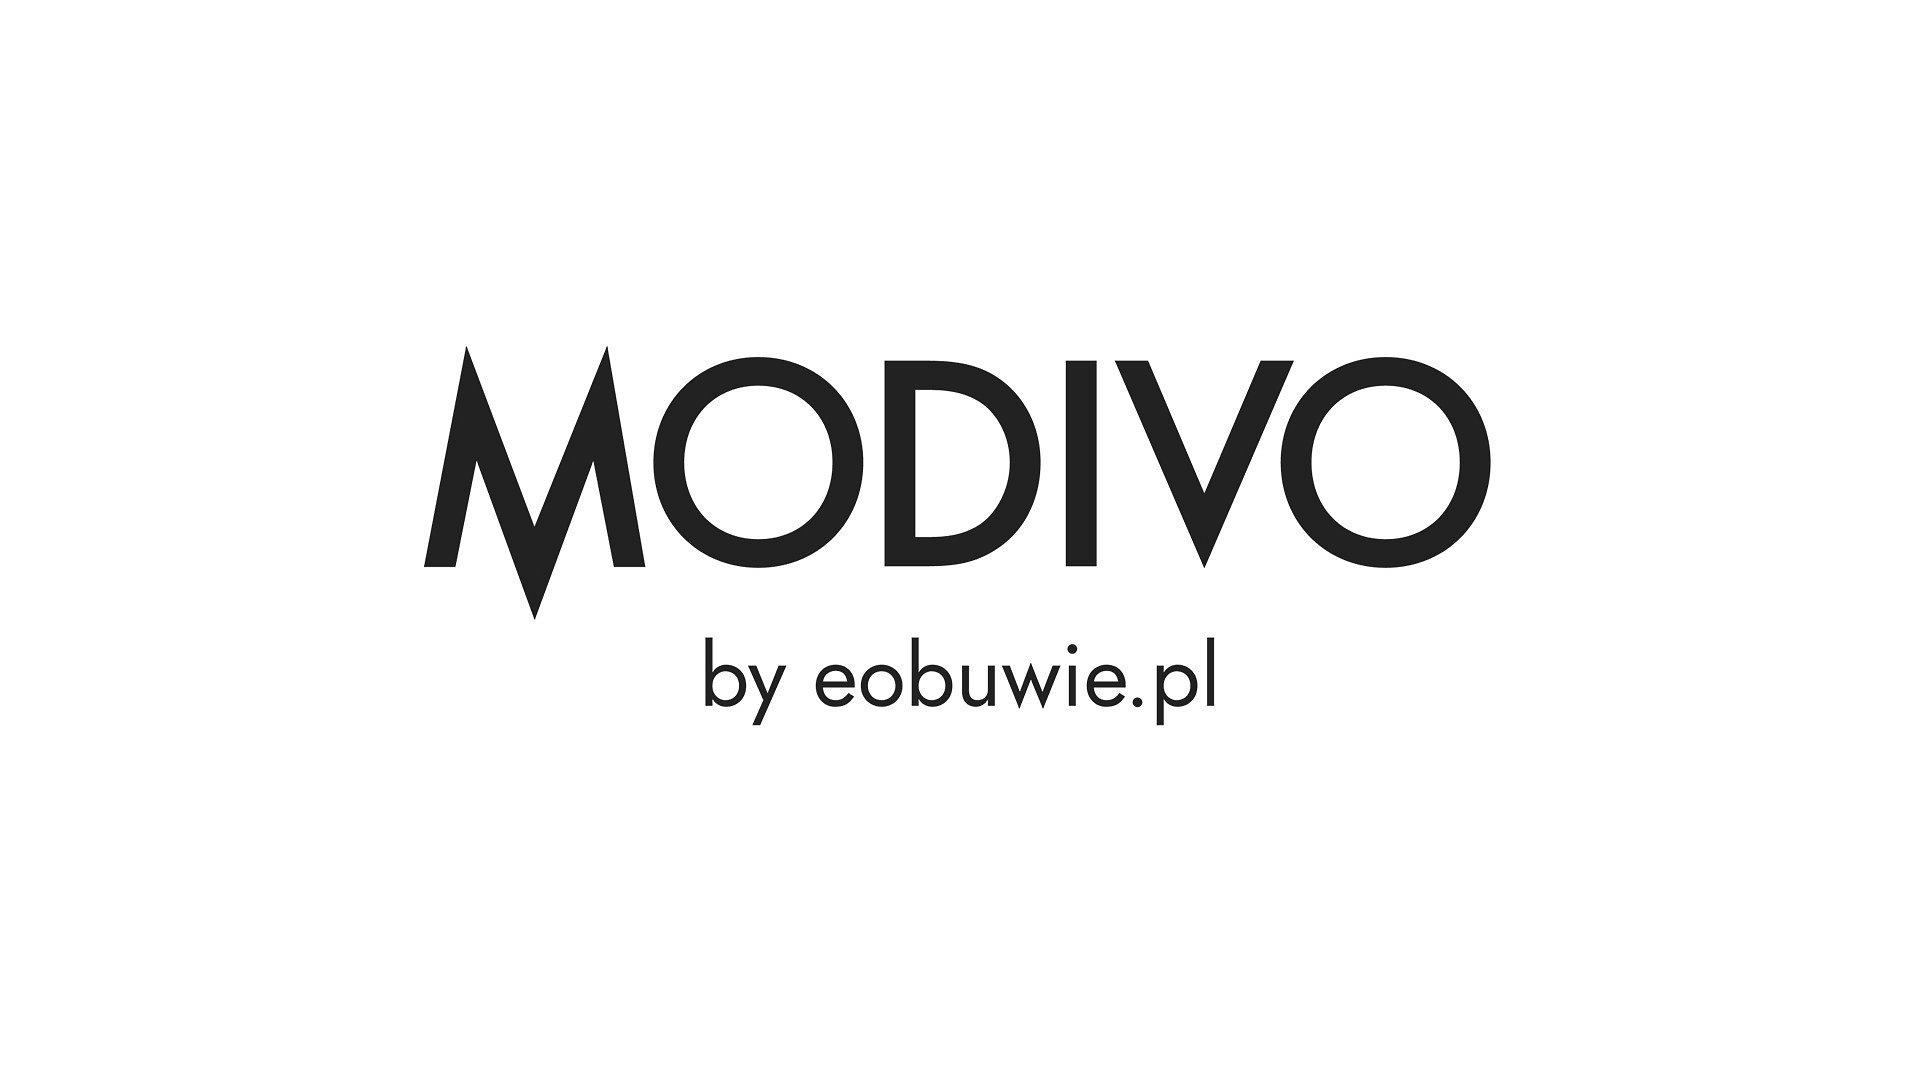 eobuwie.pl z dumą prezentuje: Modivo